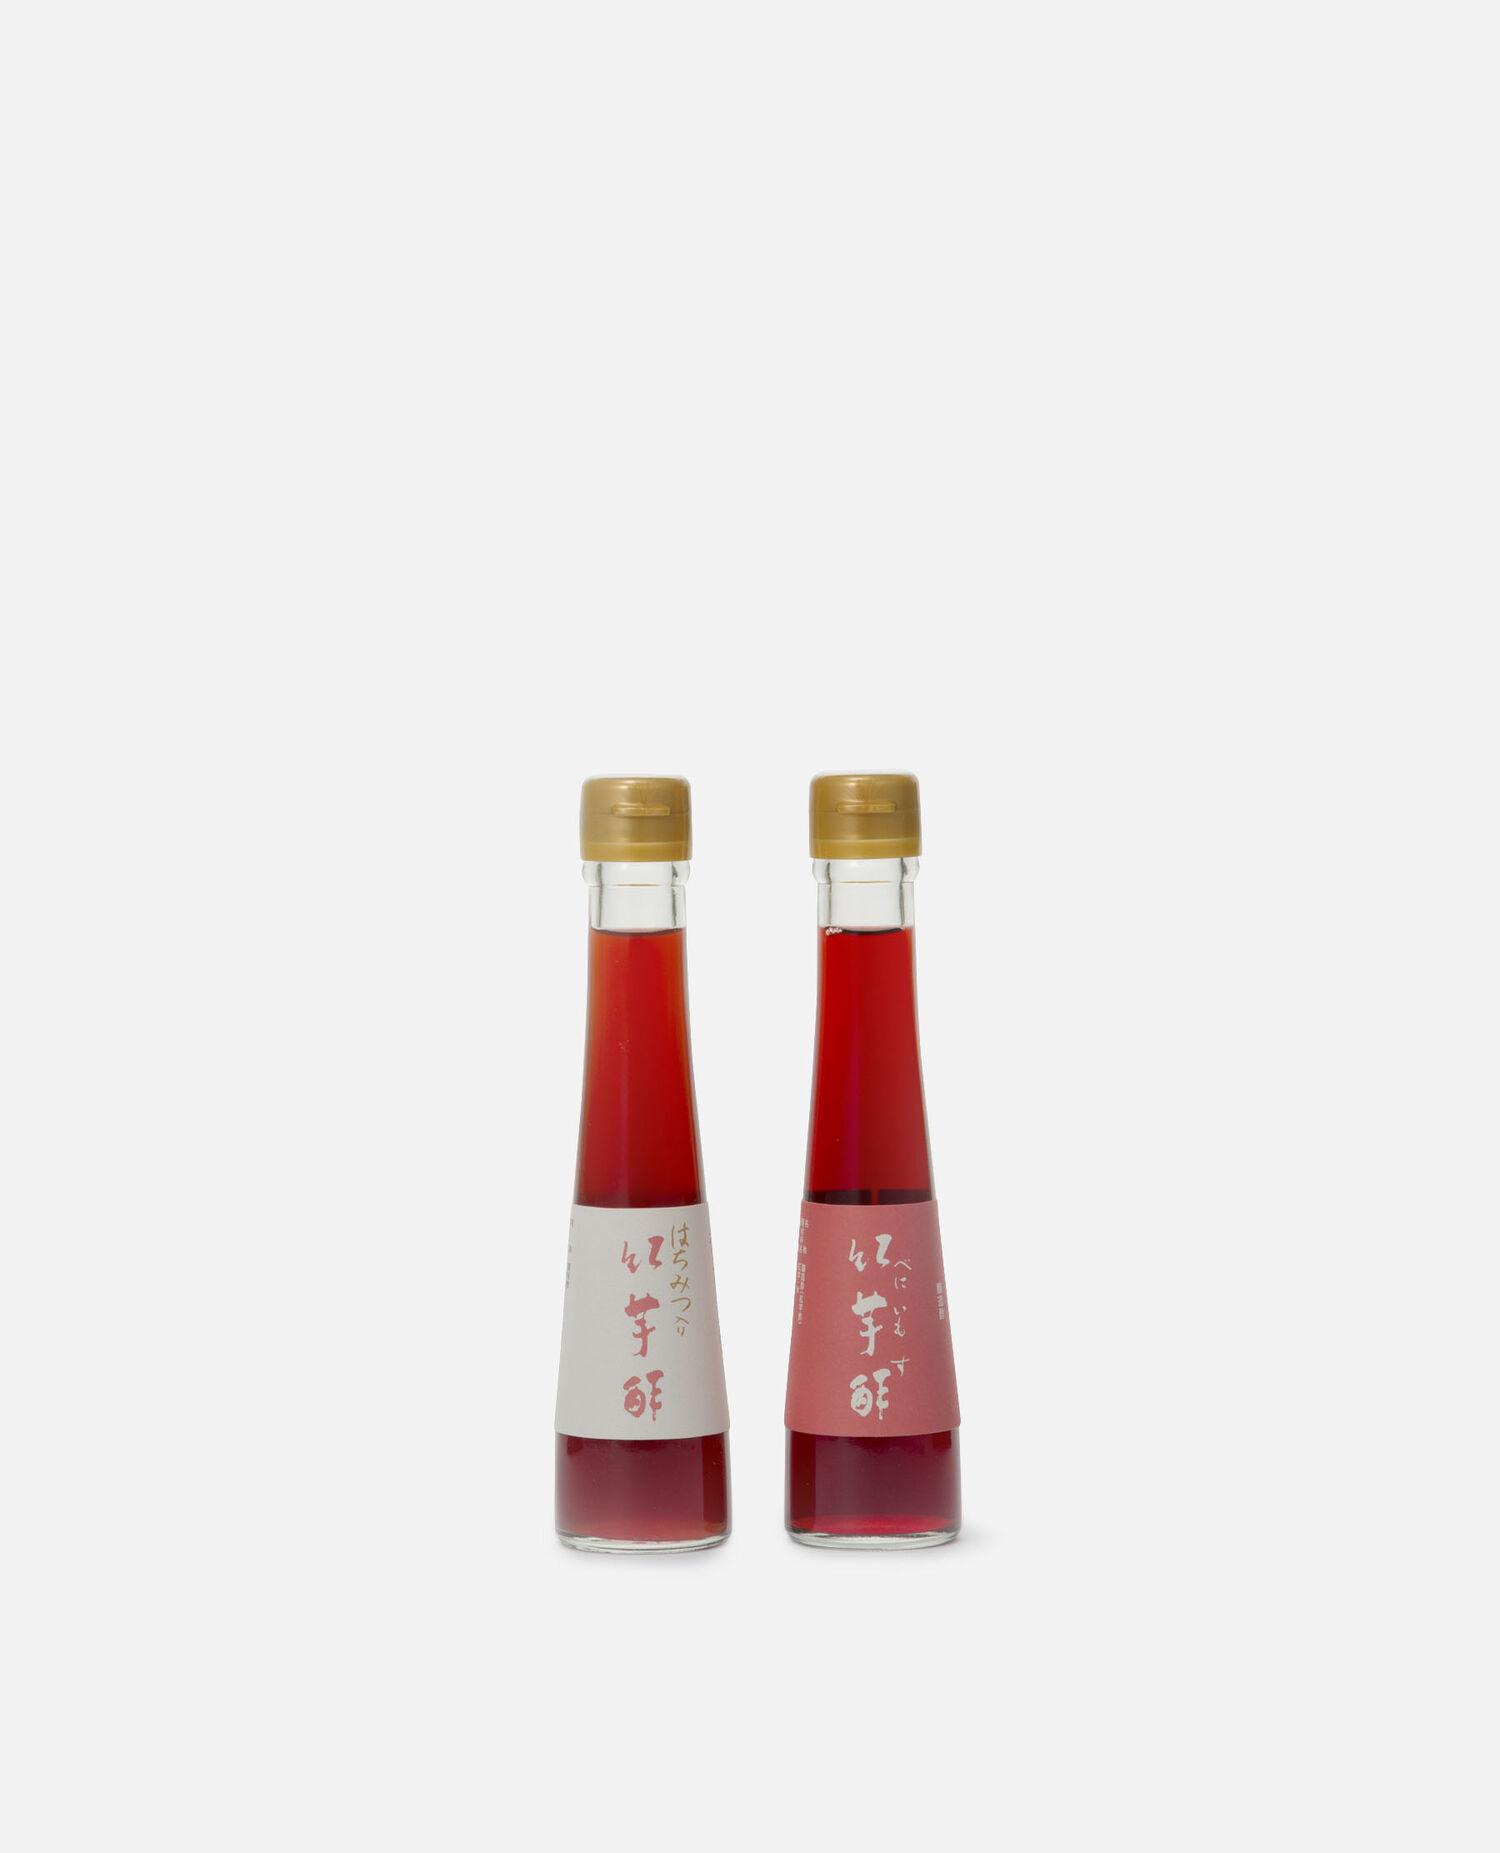 紅芋酢ギフトセット